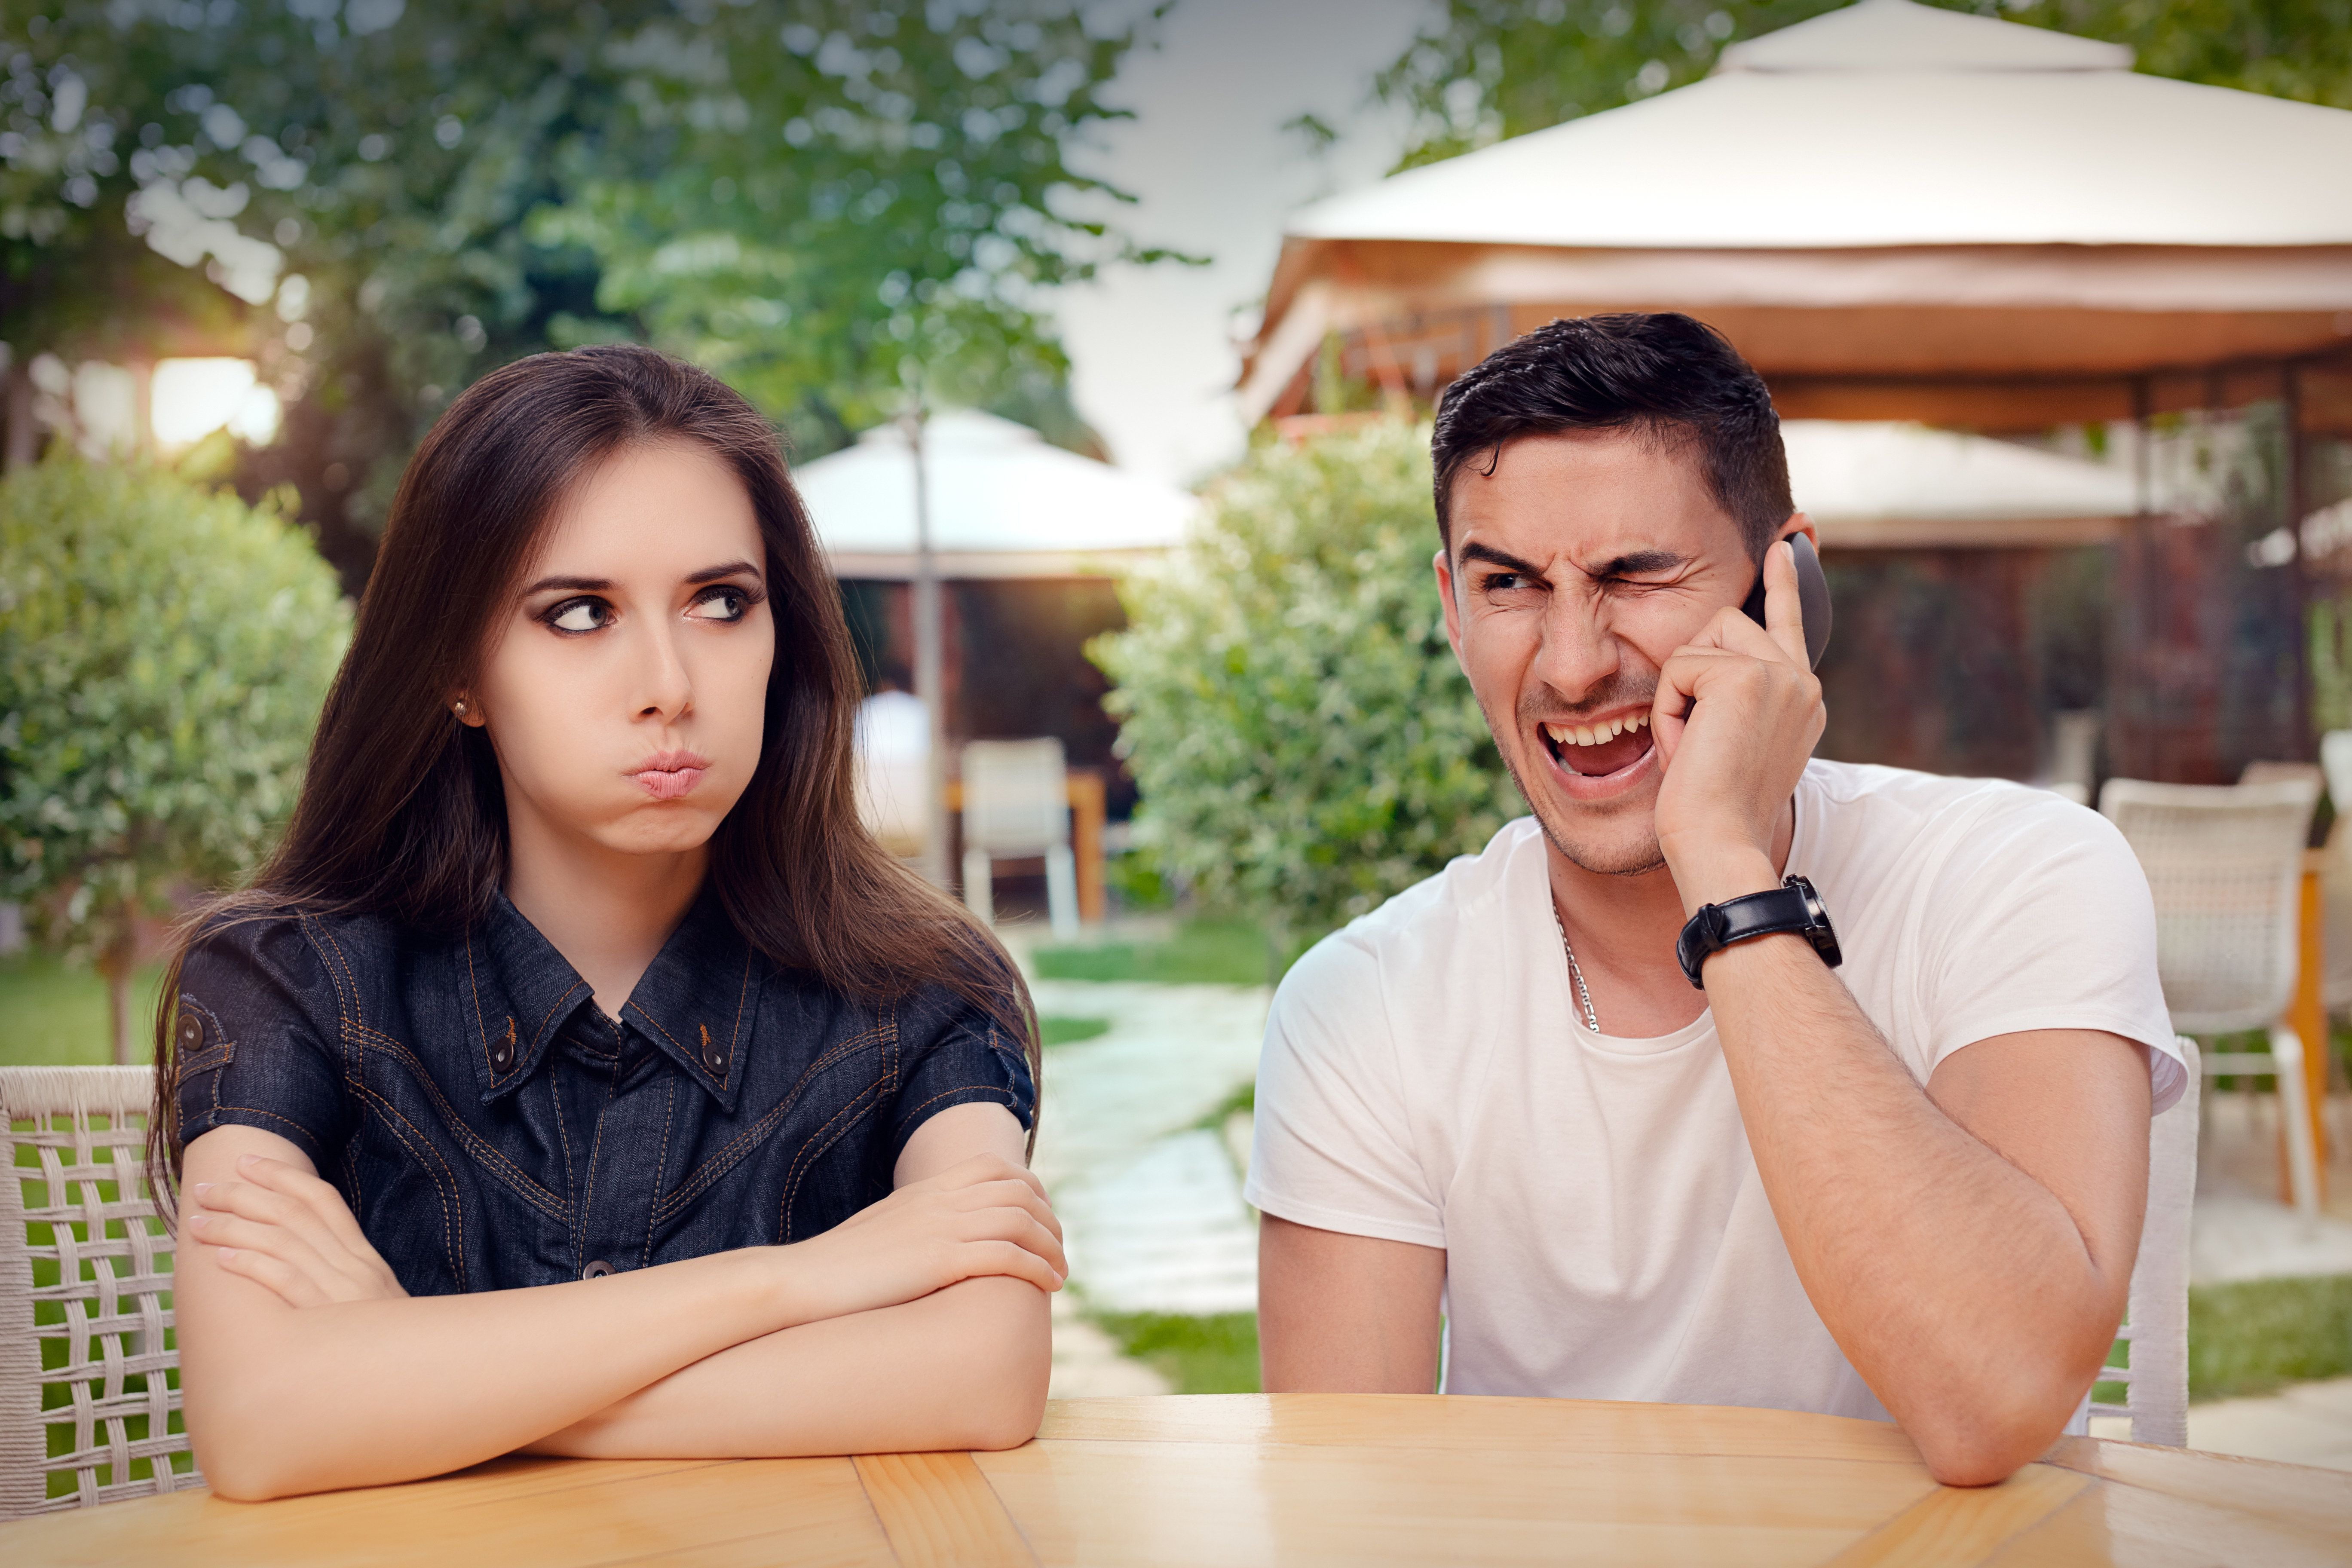 μέσης ηλικίας dating blog